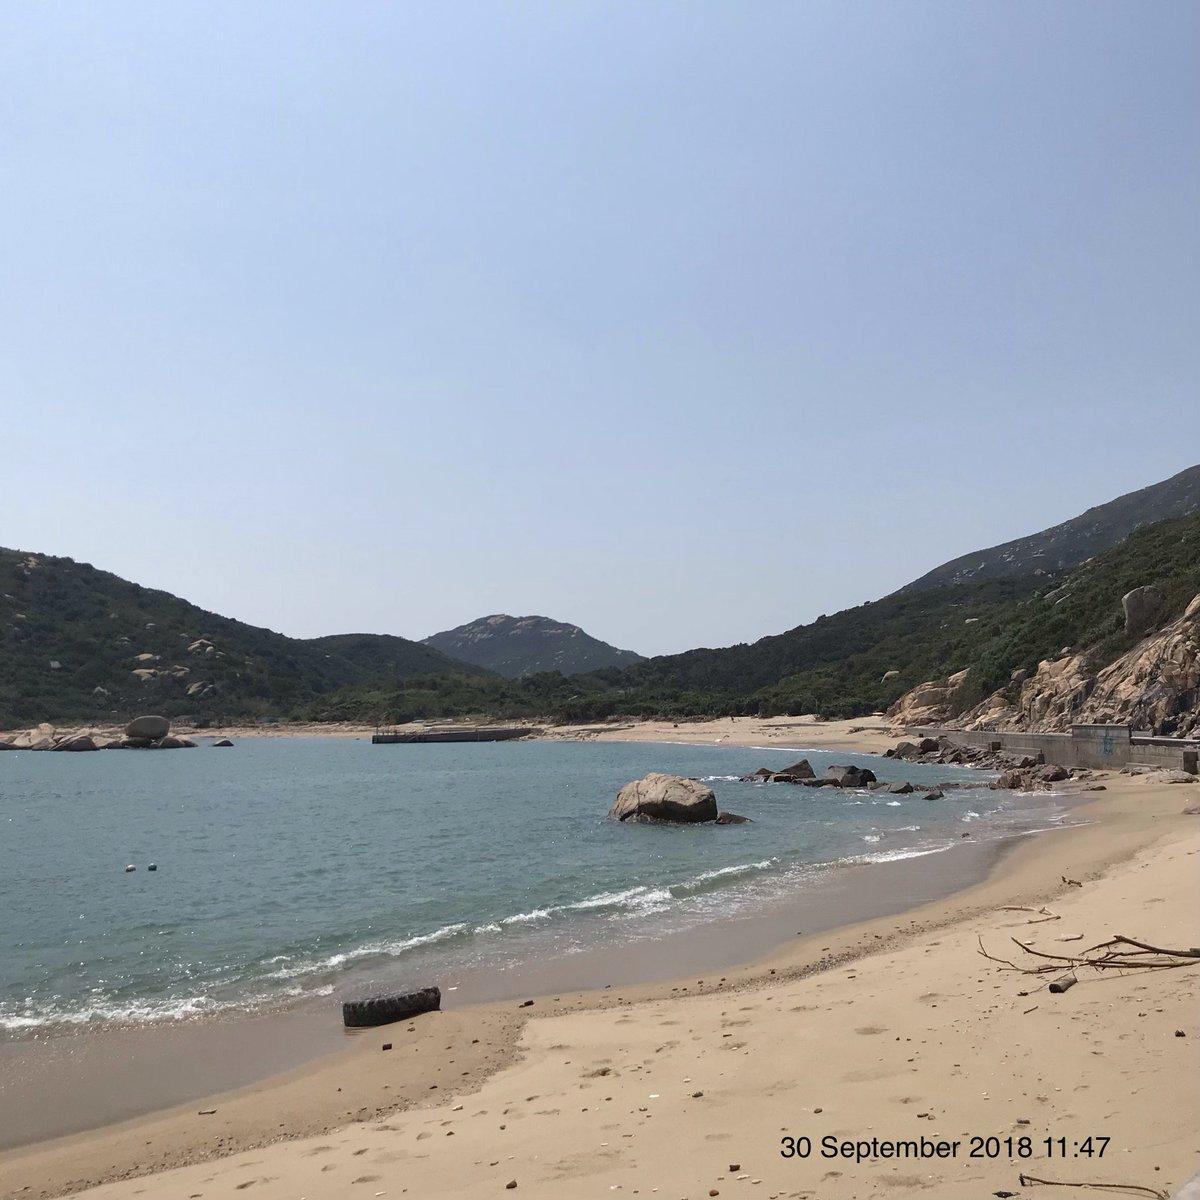 Yung Shue Ha beach south of Lamma island